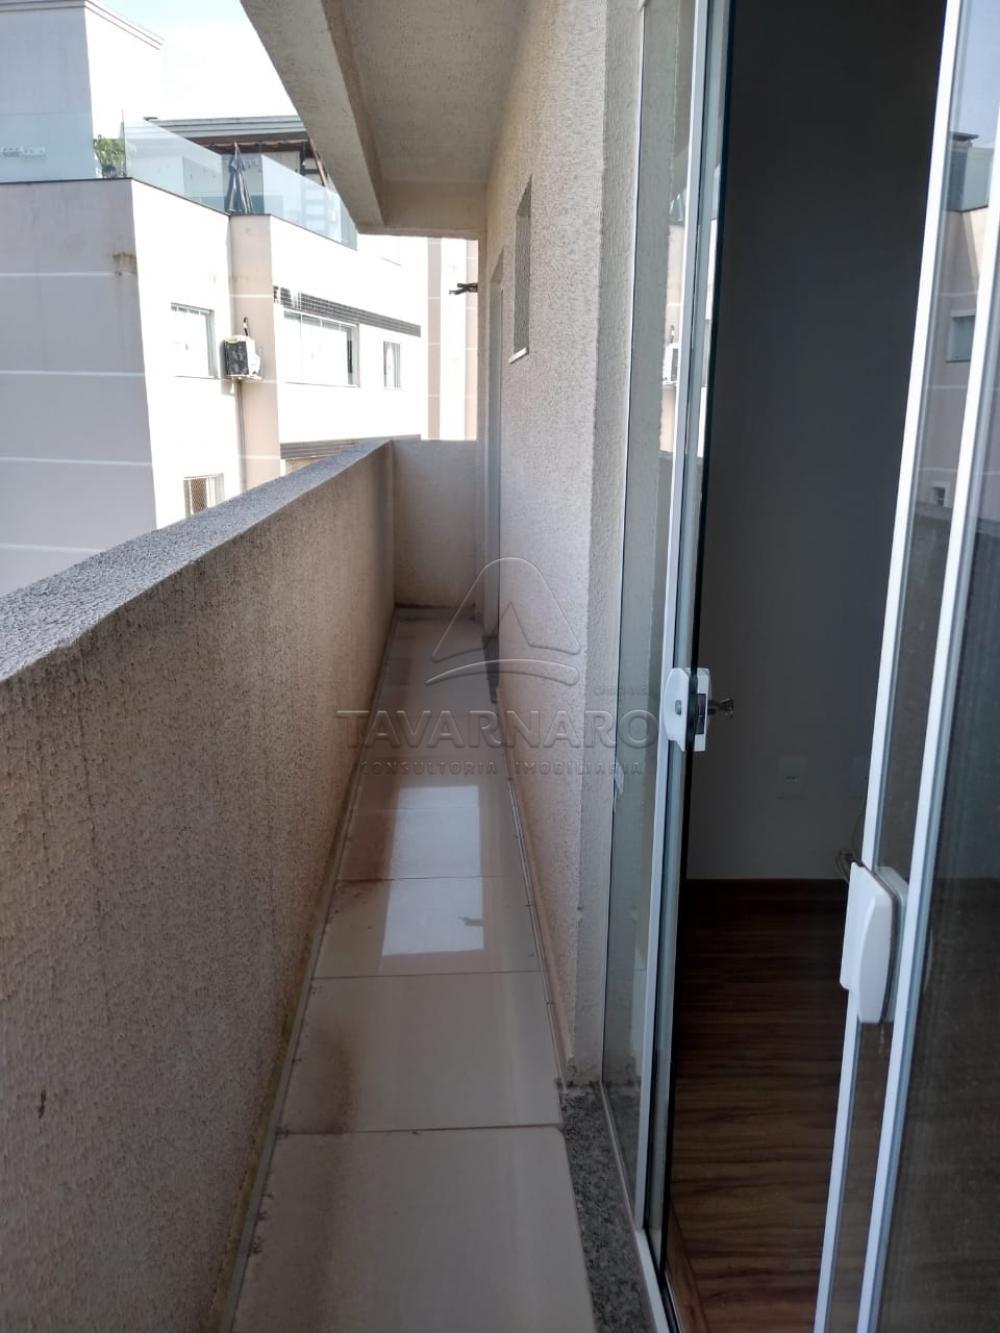 Comprar Apartamento / Padrão em Ponta Grossa apenas R$ 412.000,00 - Foto 20